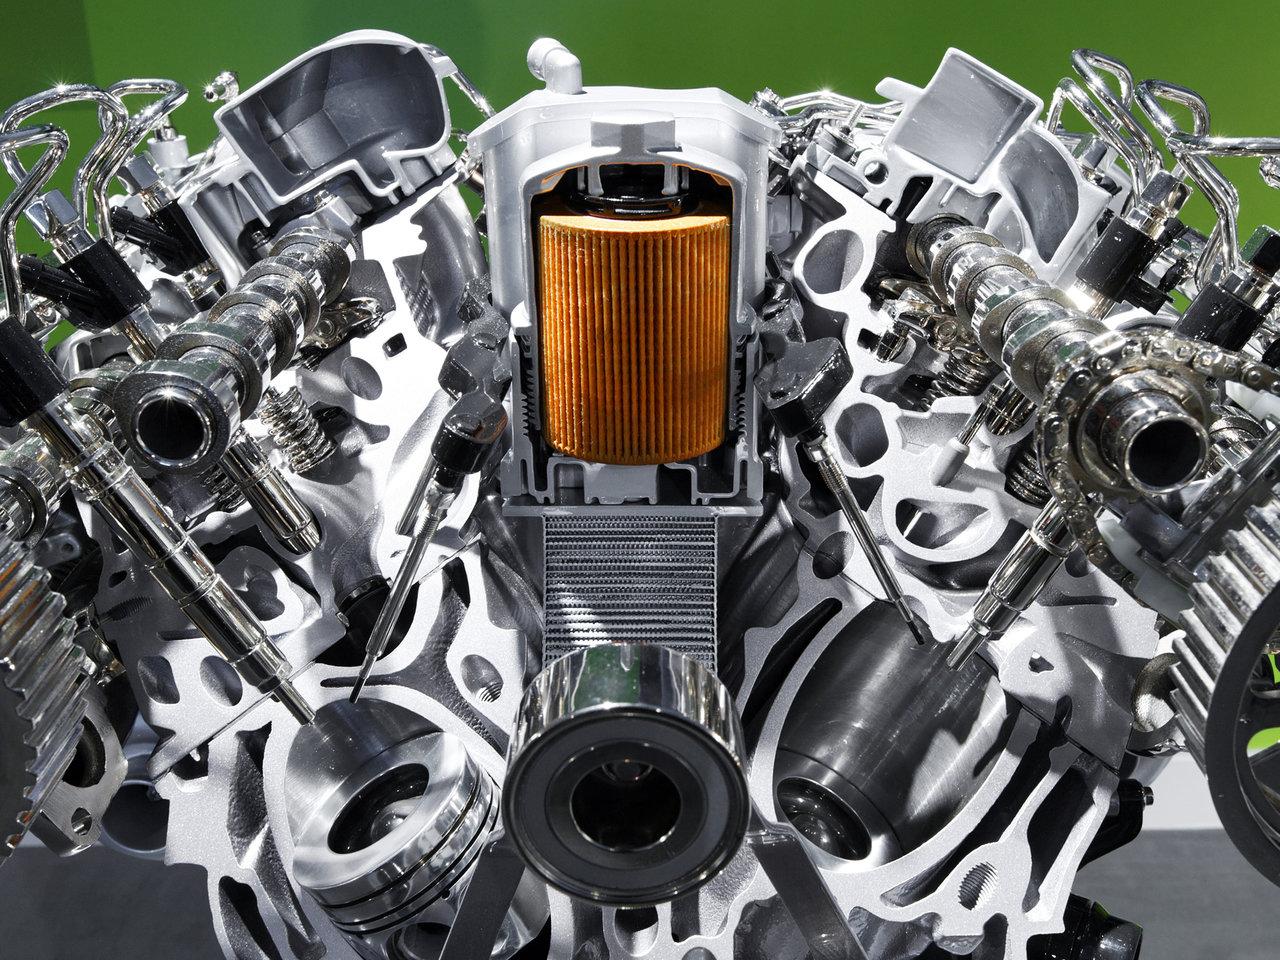 Ремонт двигателя в картинках